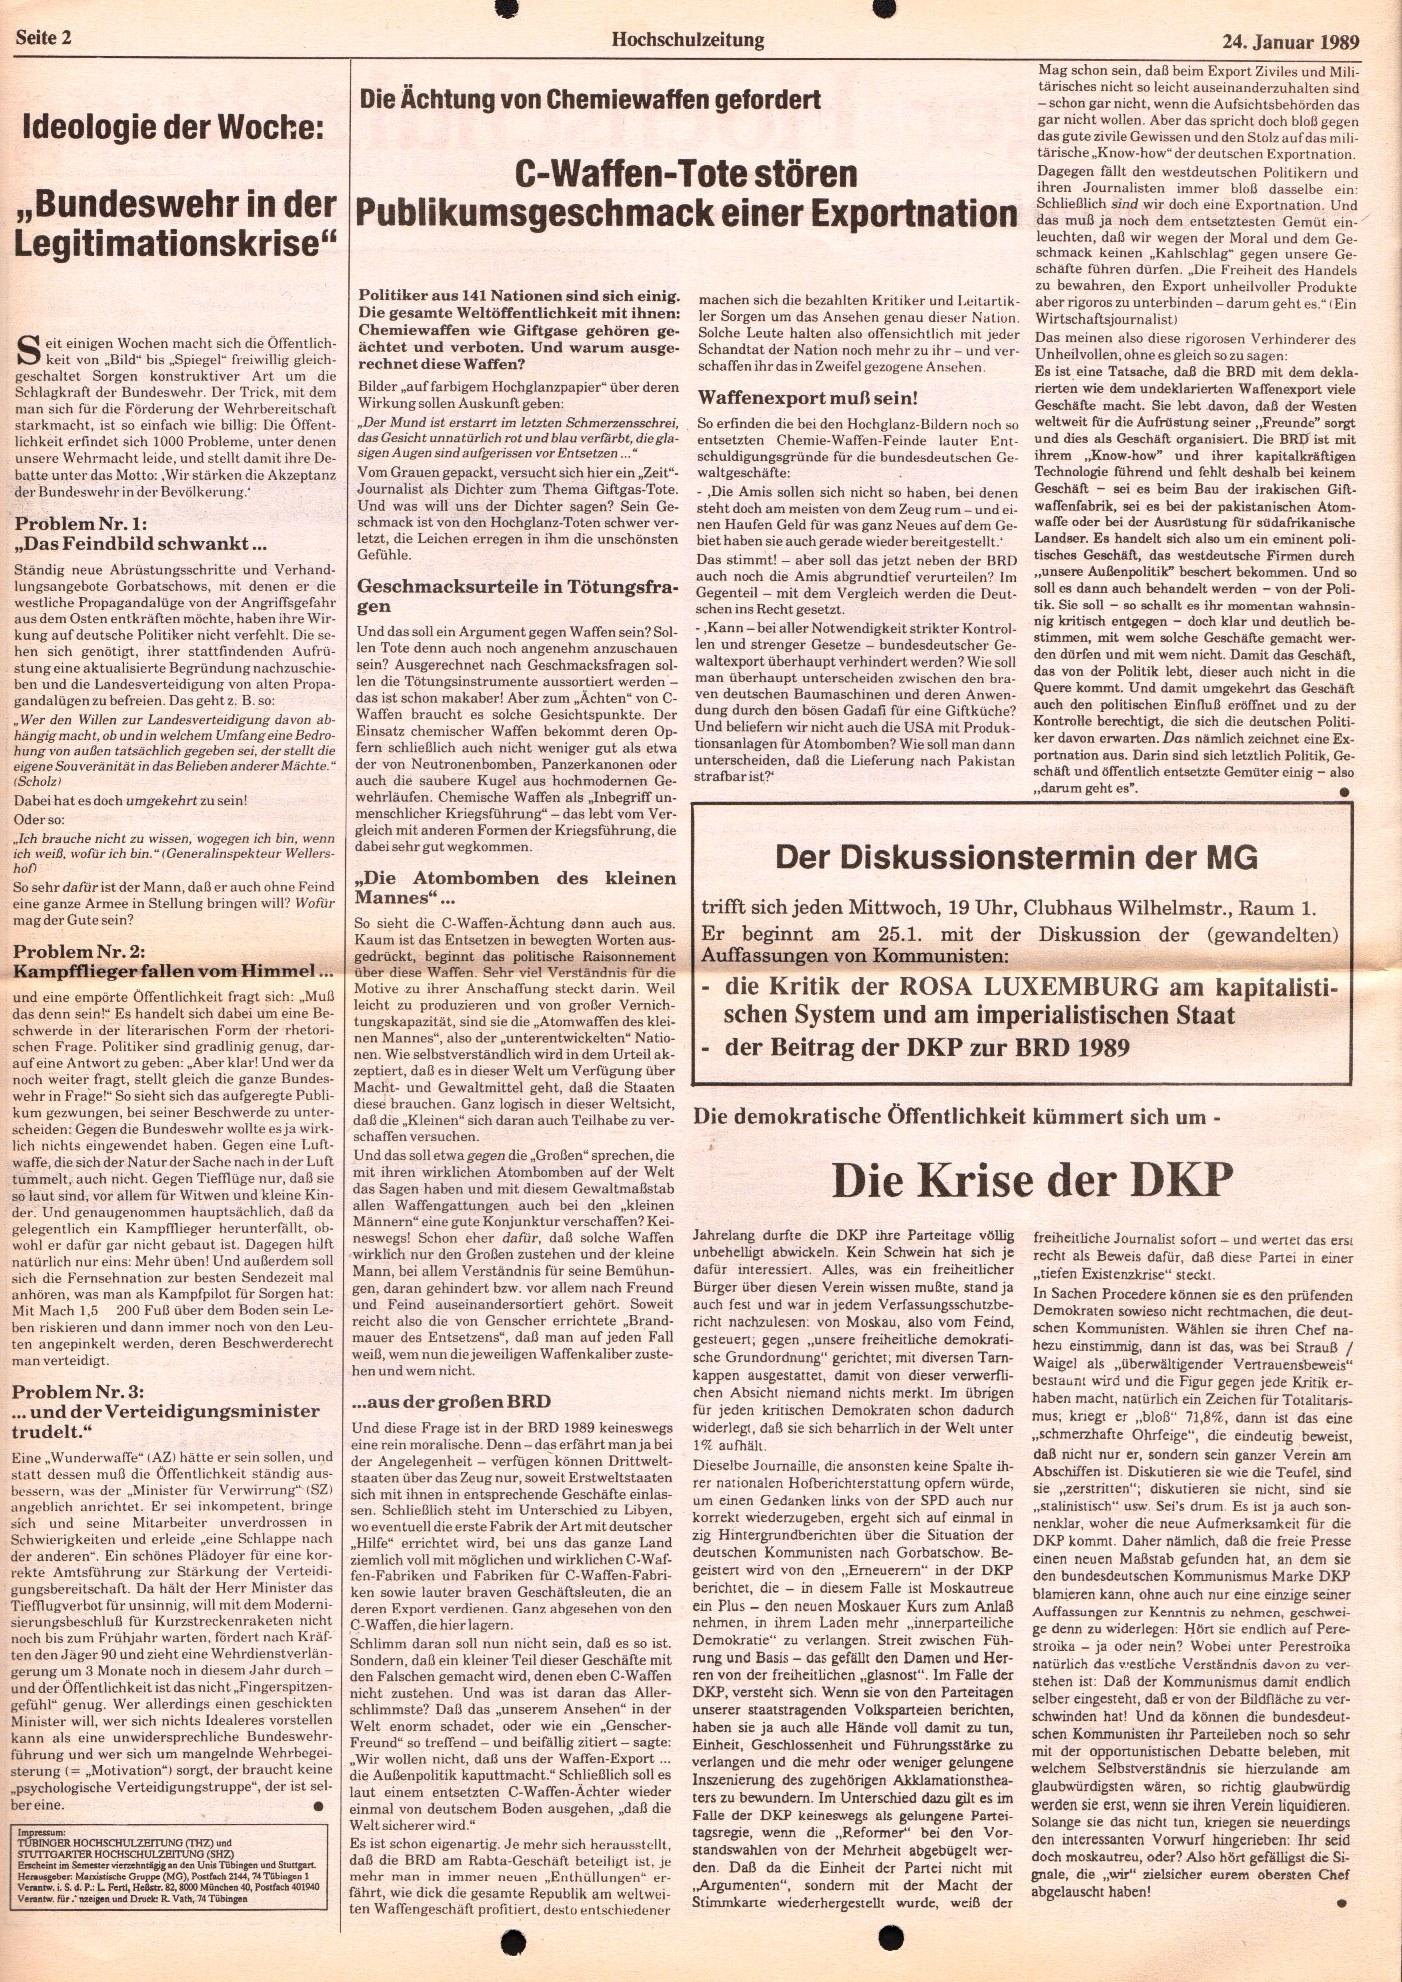 Tuebingen_MG_Hochschulzeitung_1989_02_02